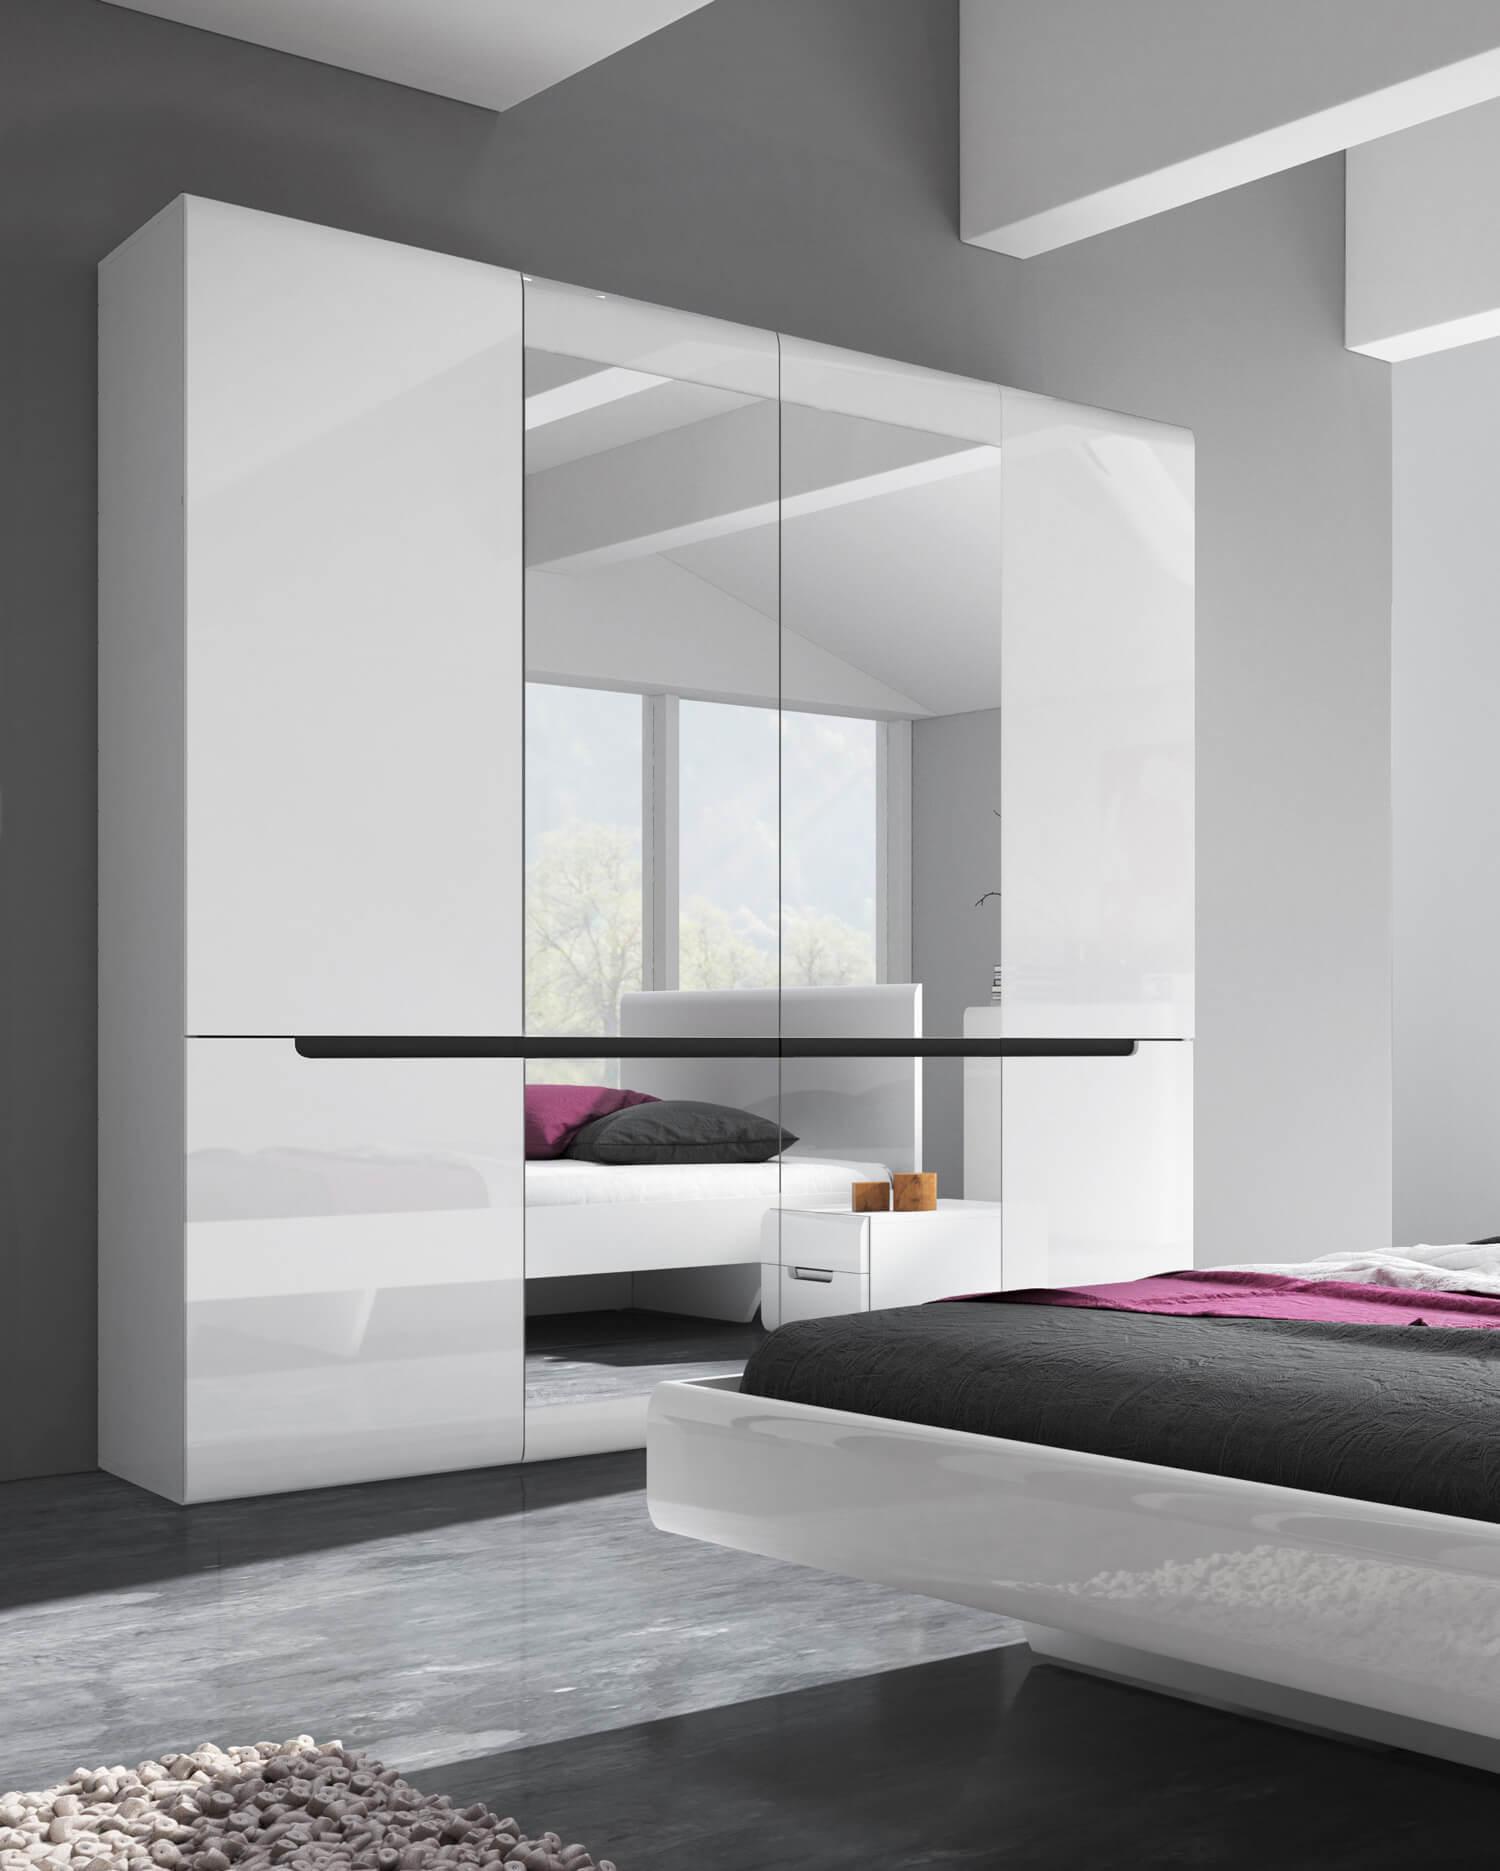 Kleiderschrank 181cm Weiß Hochglanz Modern Schlafzimmer